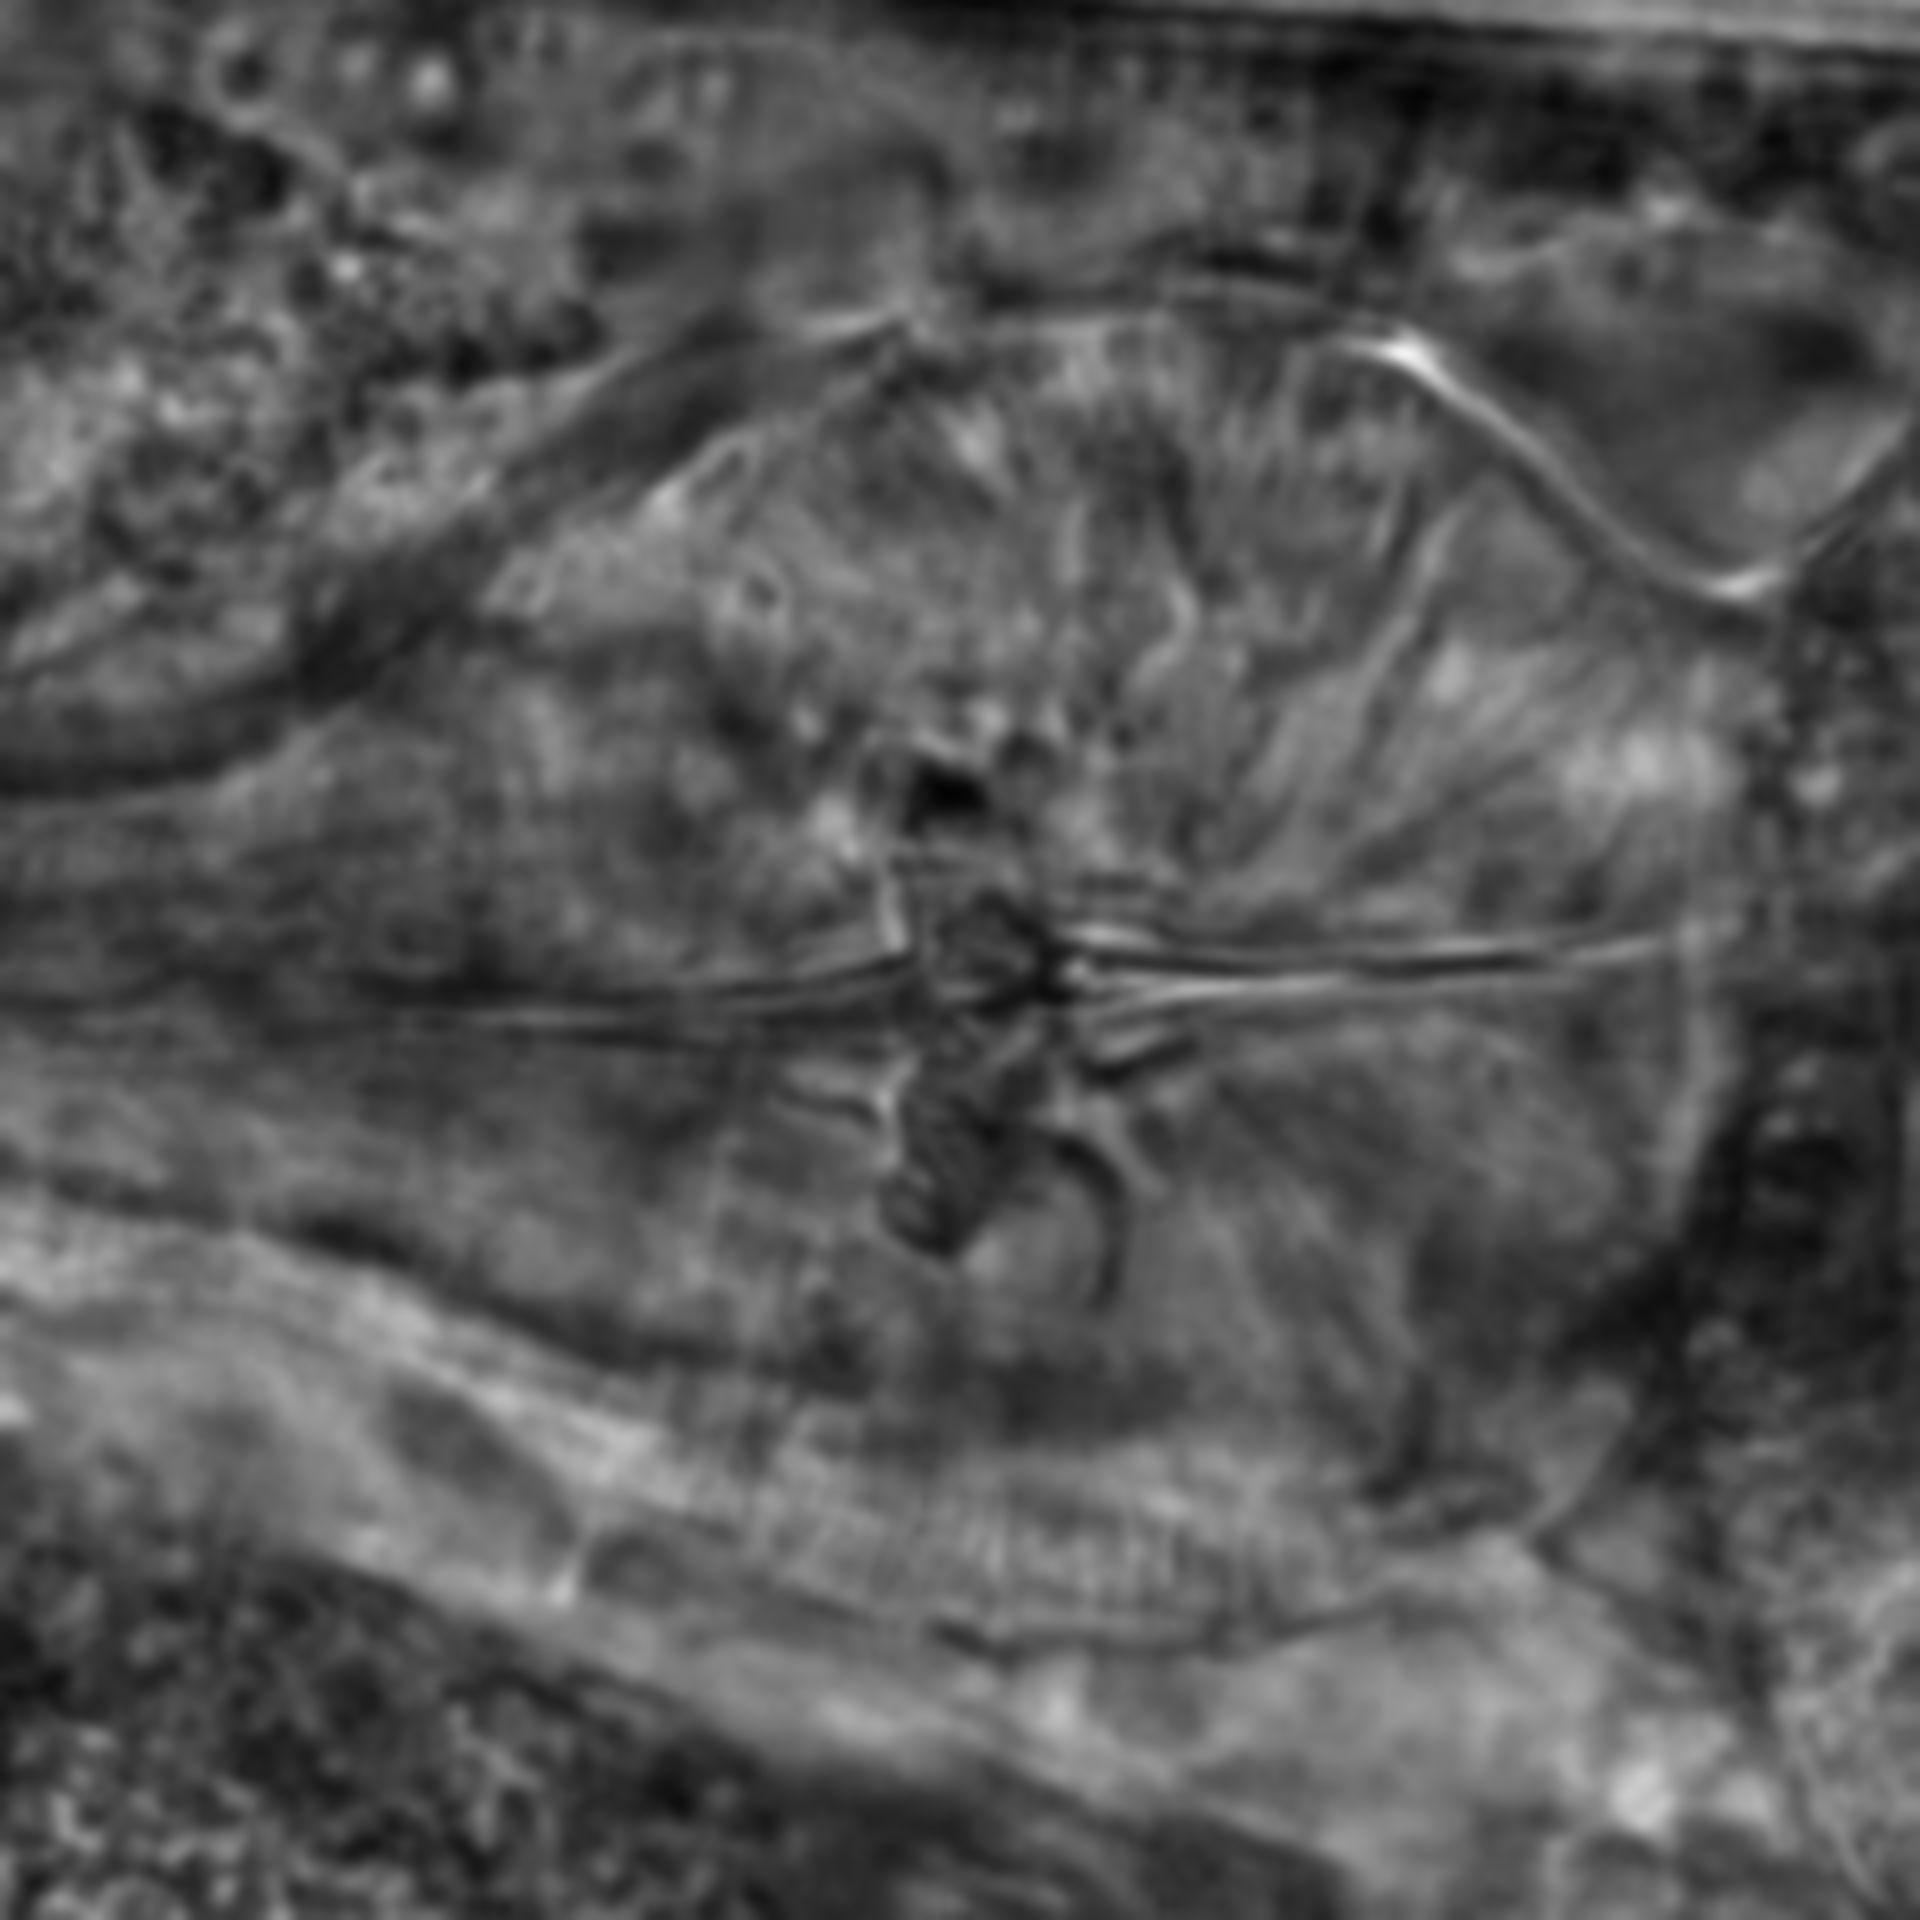 Caenorhabditis elegans - CIL:2183